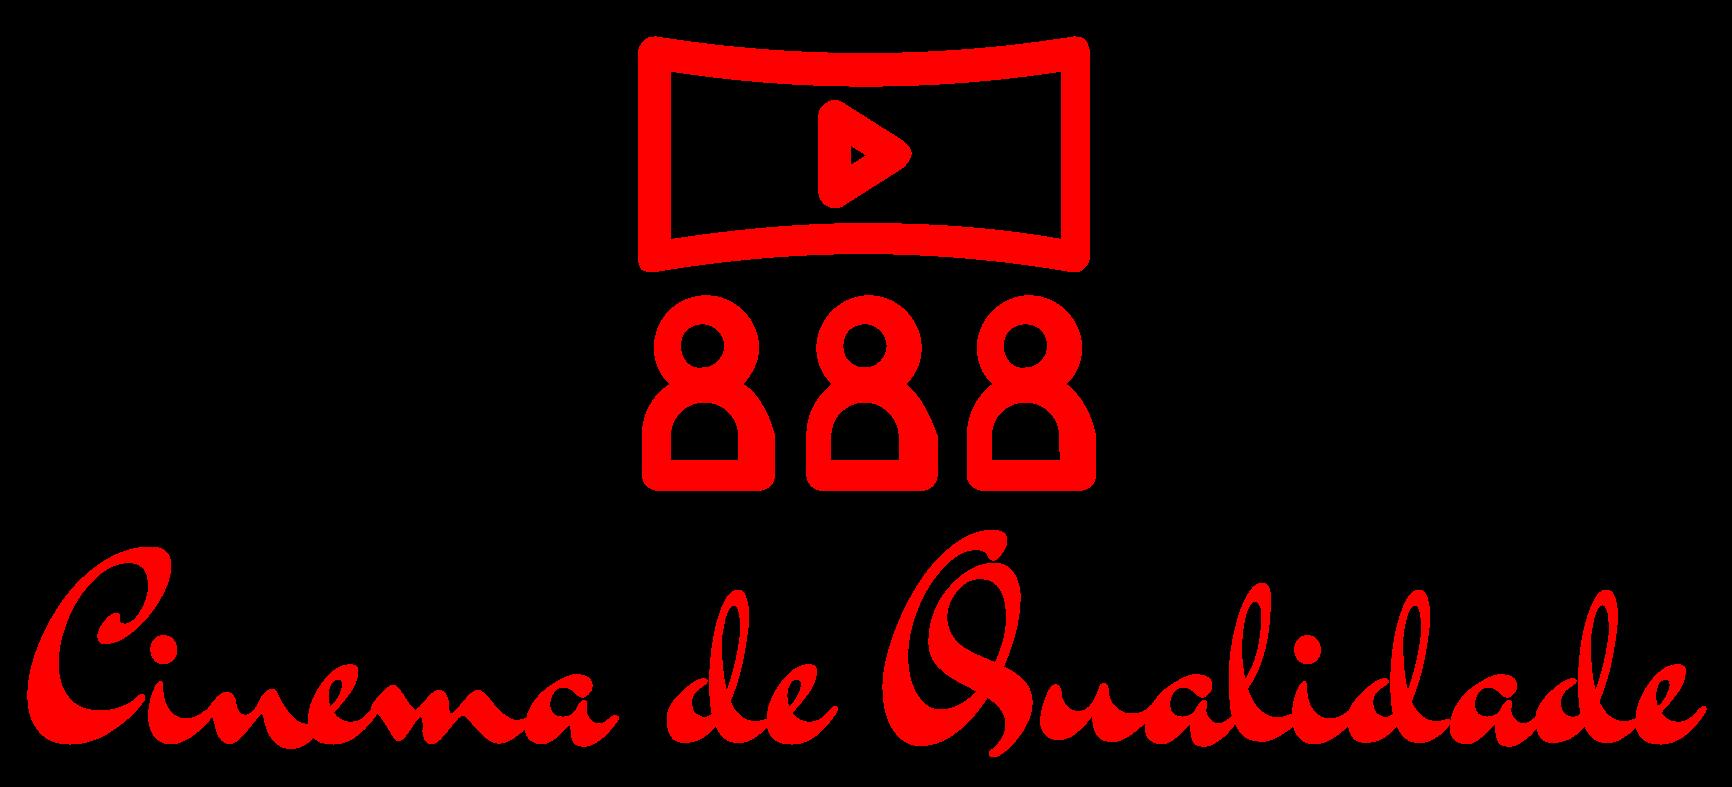 Play Series Cinema de Qualidade